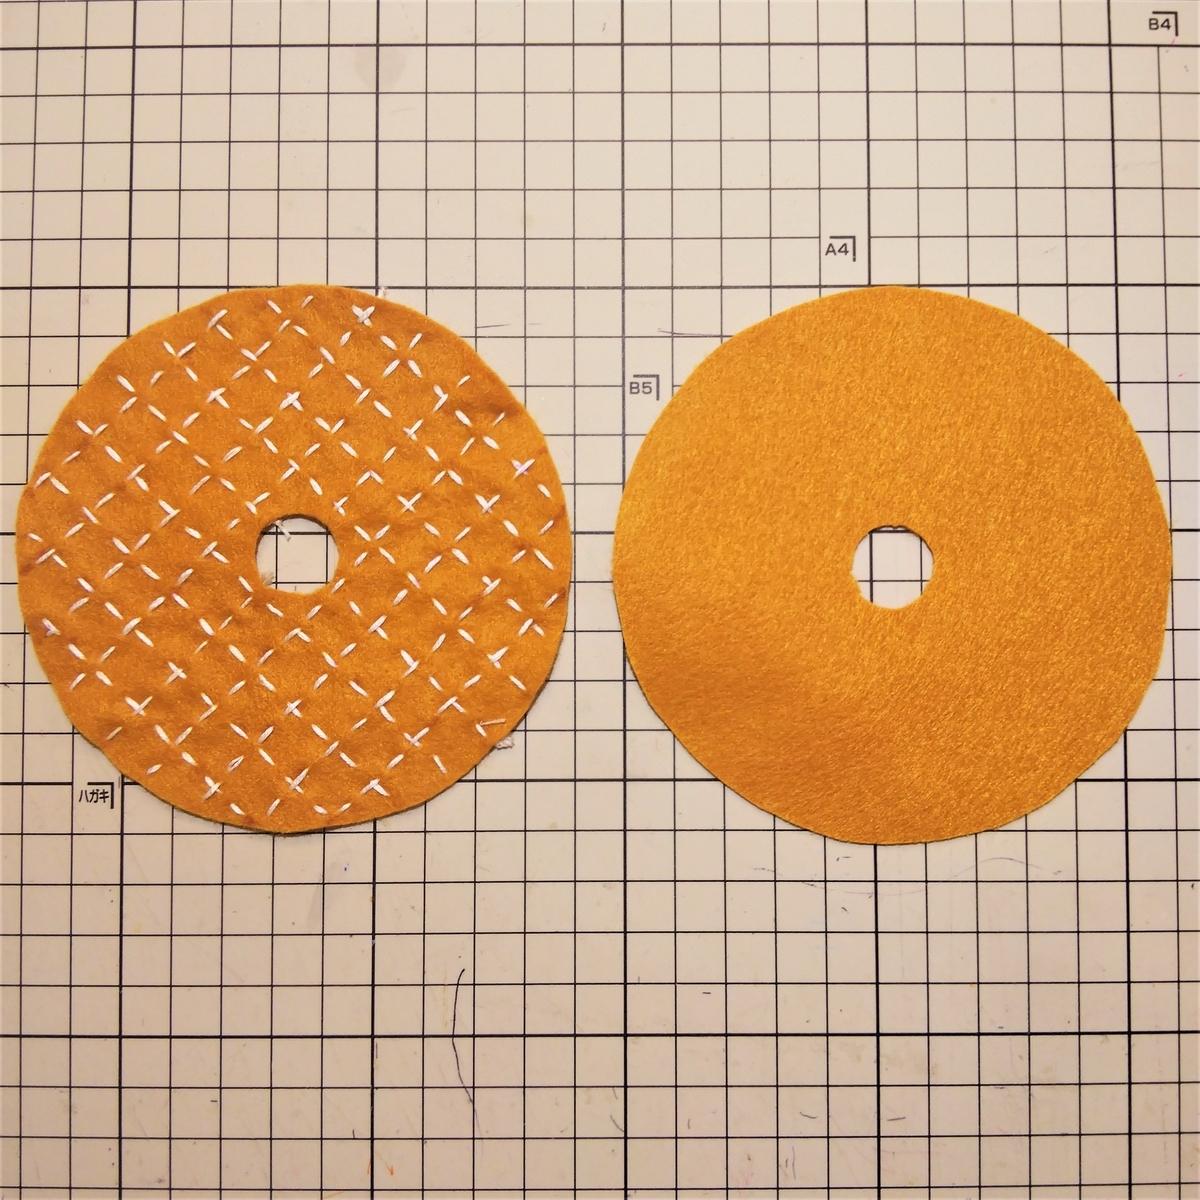 シュガーレイズドの作り方② 刺繍が終わったら重ねて縫い合わせる